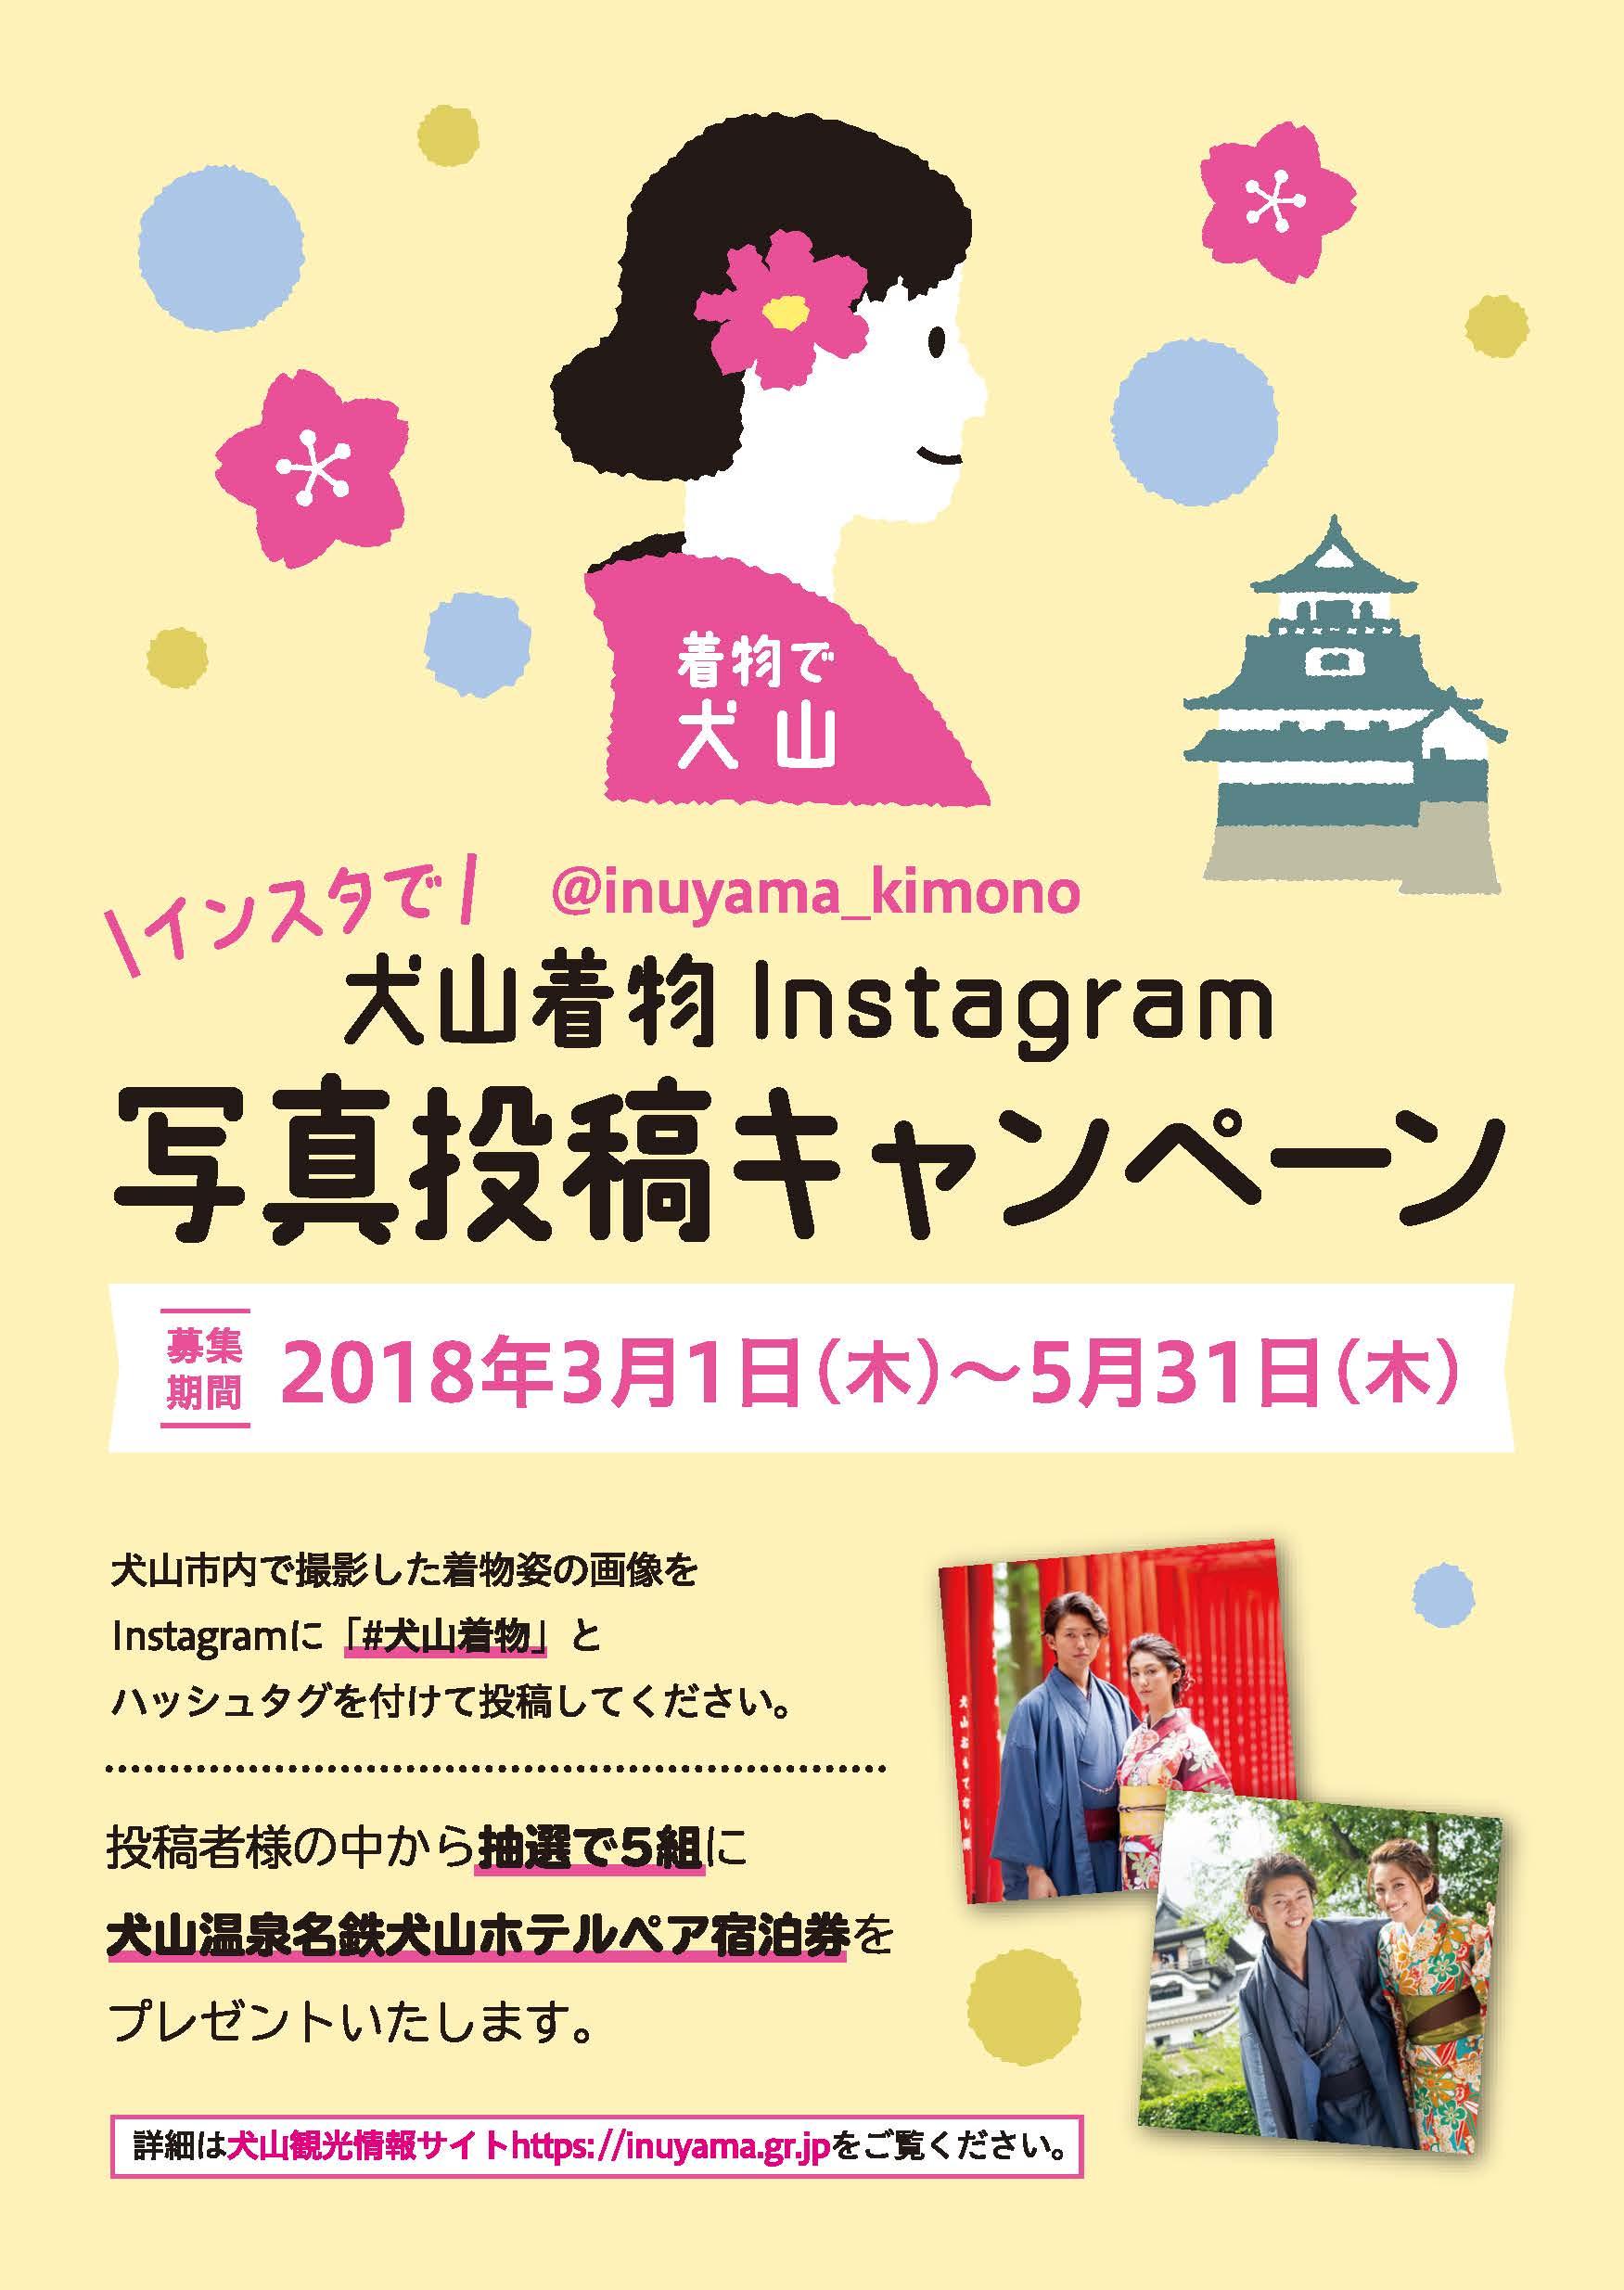 180107_kimono_instagram_ page _1